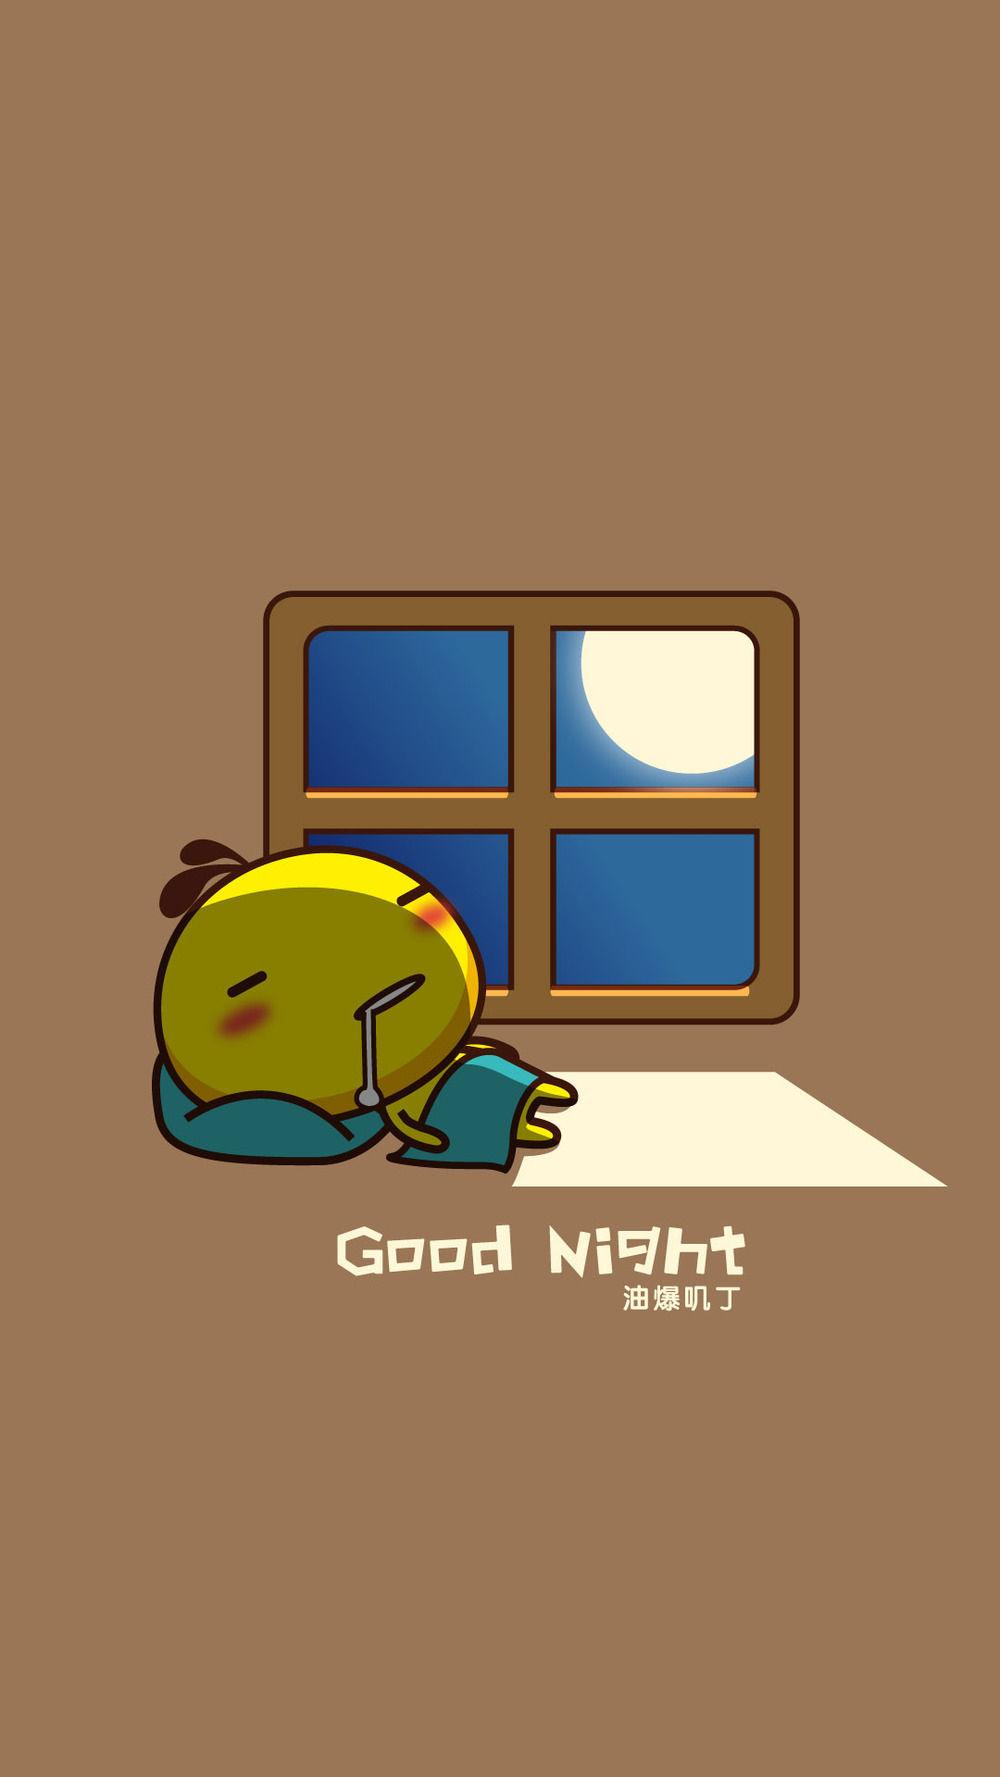 窗口晚安 1080x1920.jpg